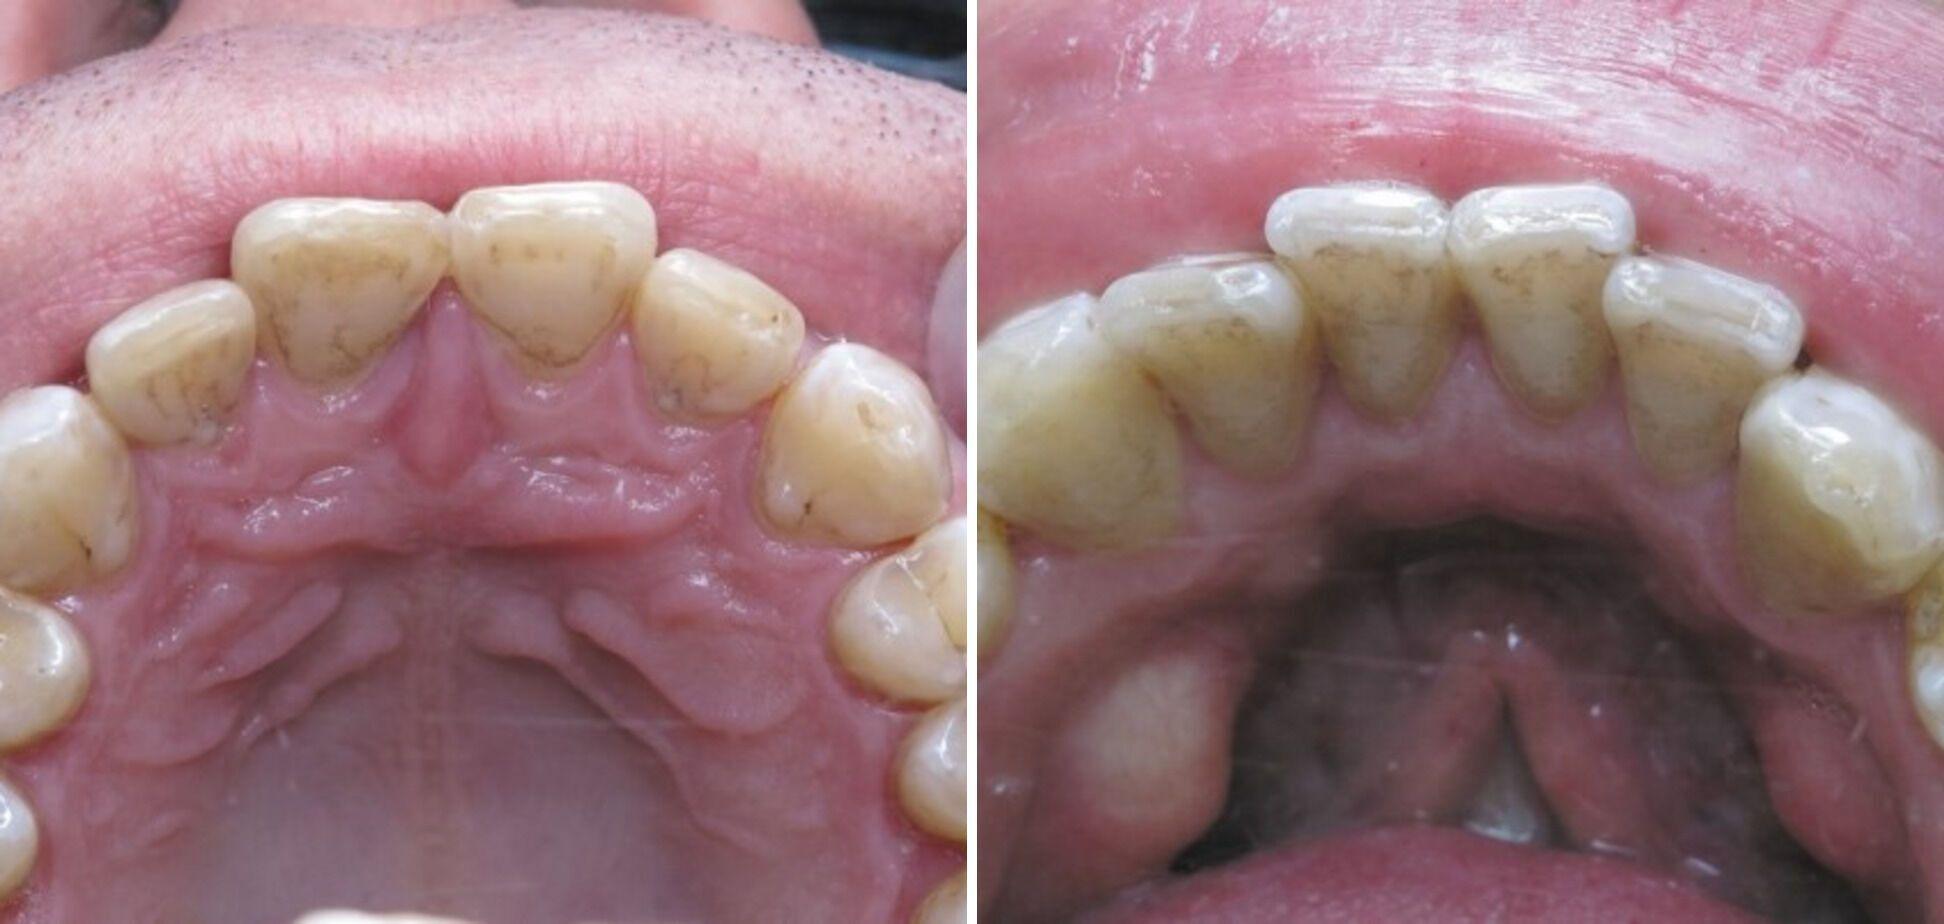 Влияние отваров ромашки и шалфея у пациентки с интактными зубами. Снятие зубных отложений около года назад.